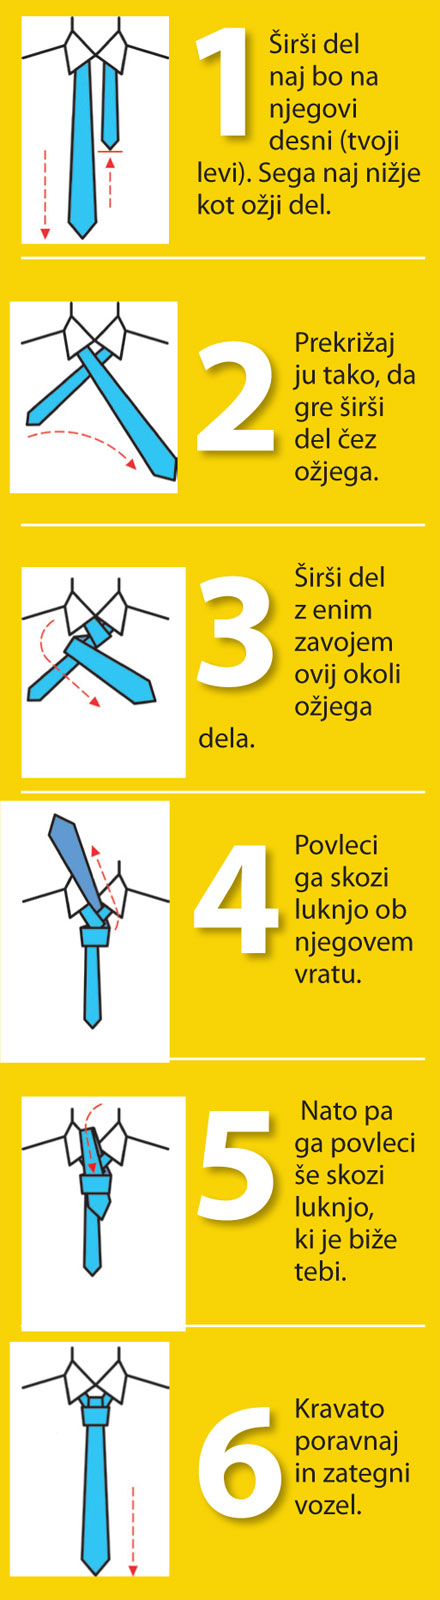 Zavezovanje kravate